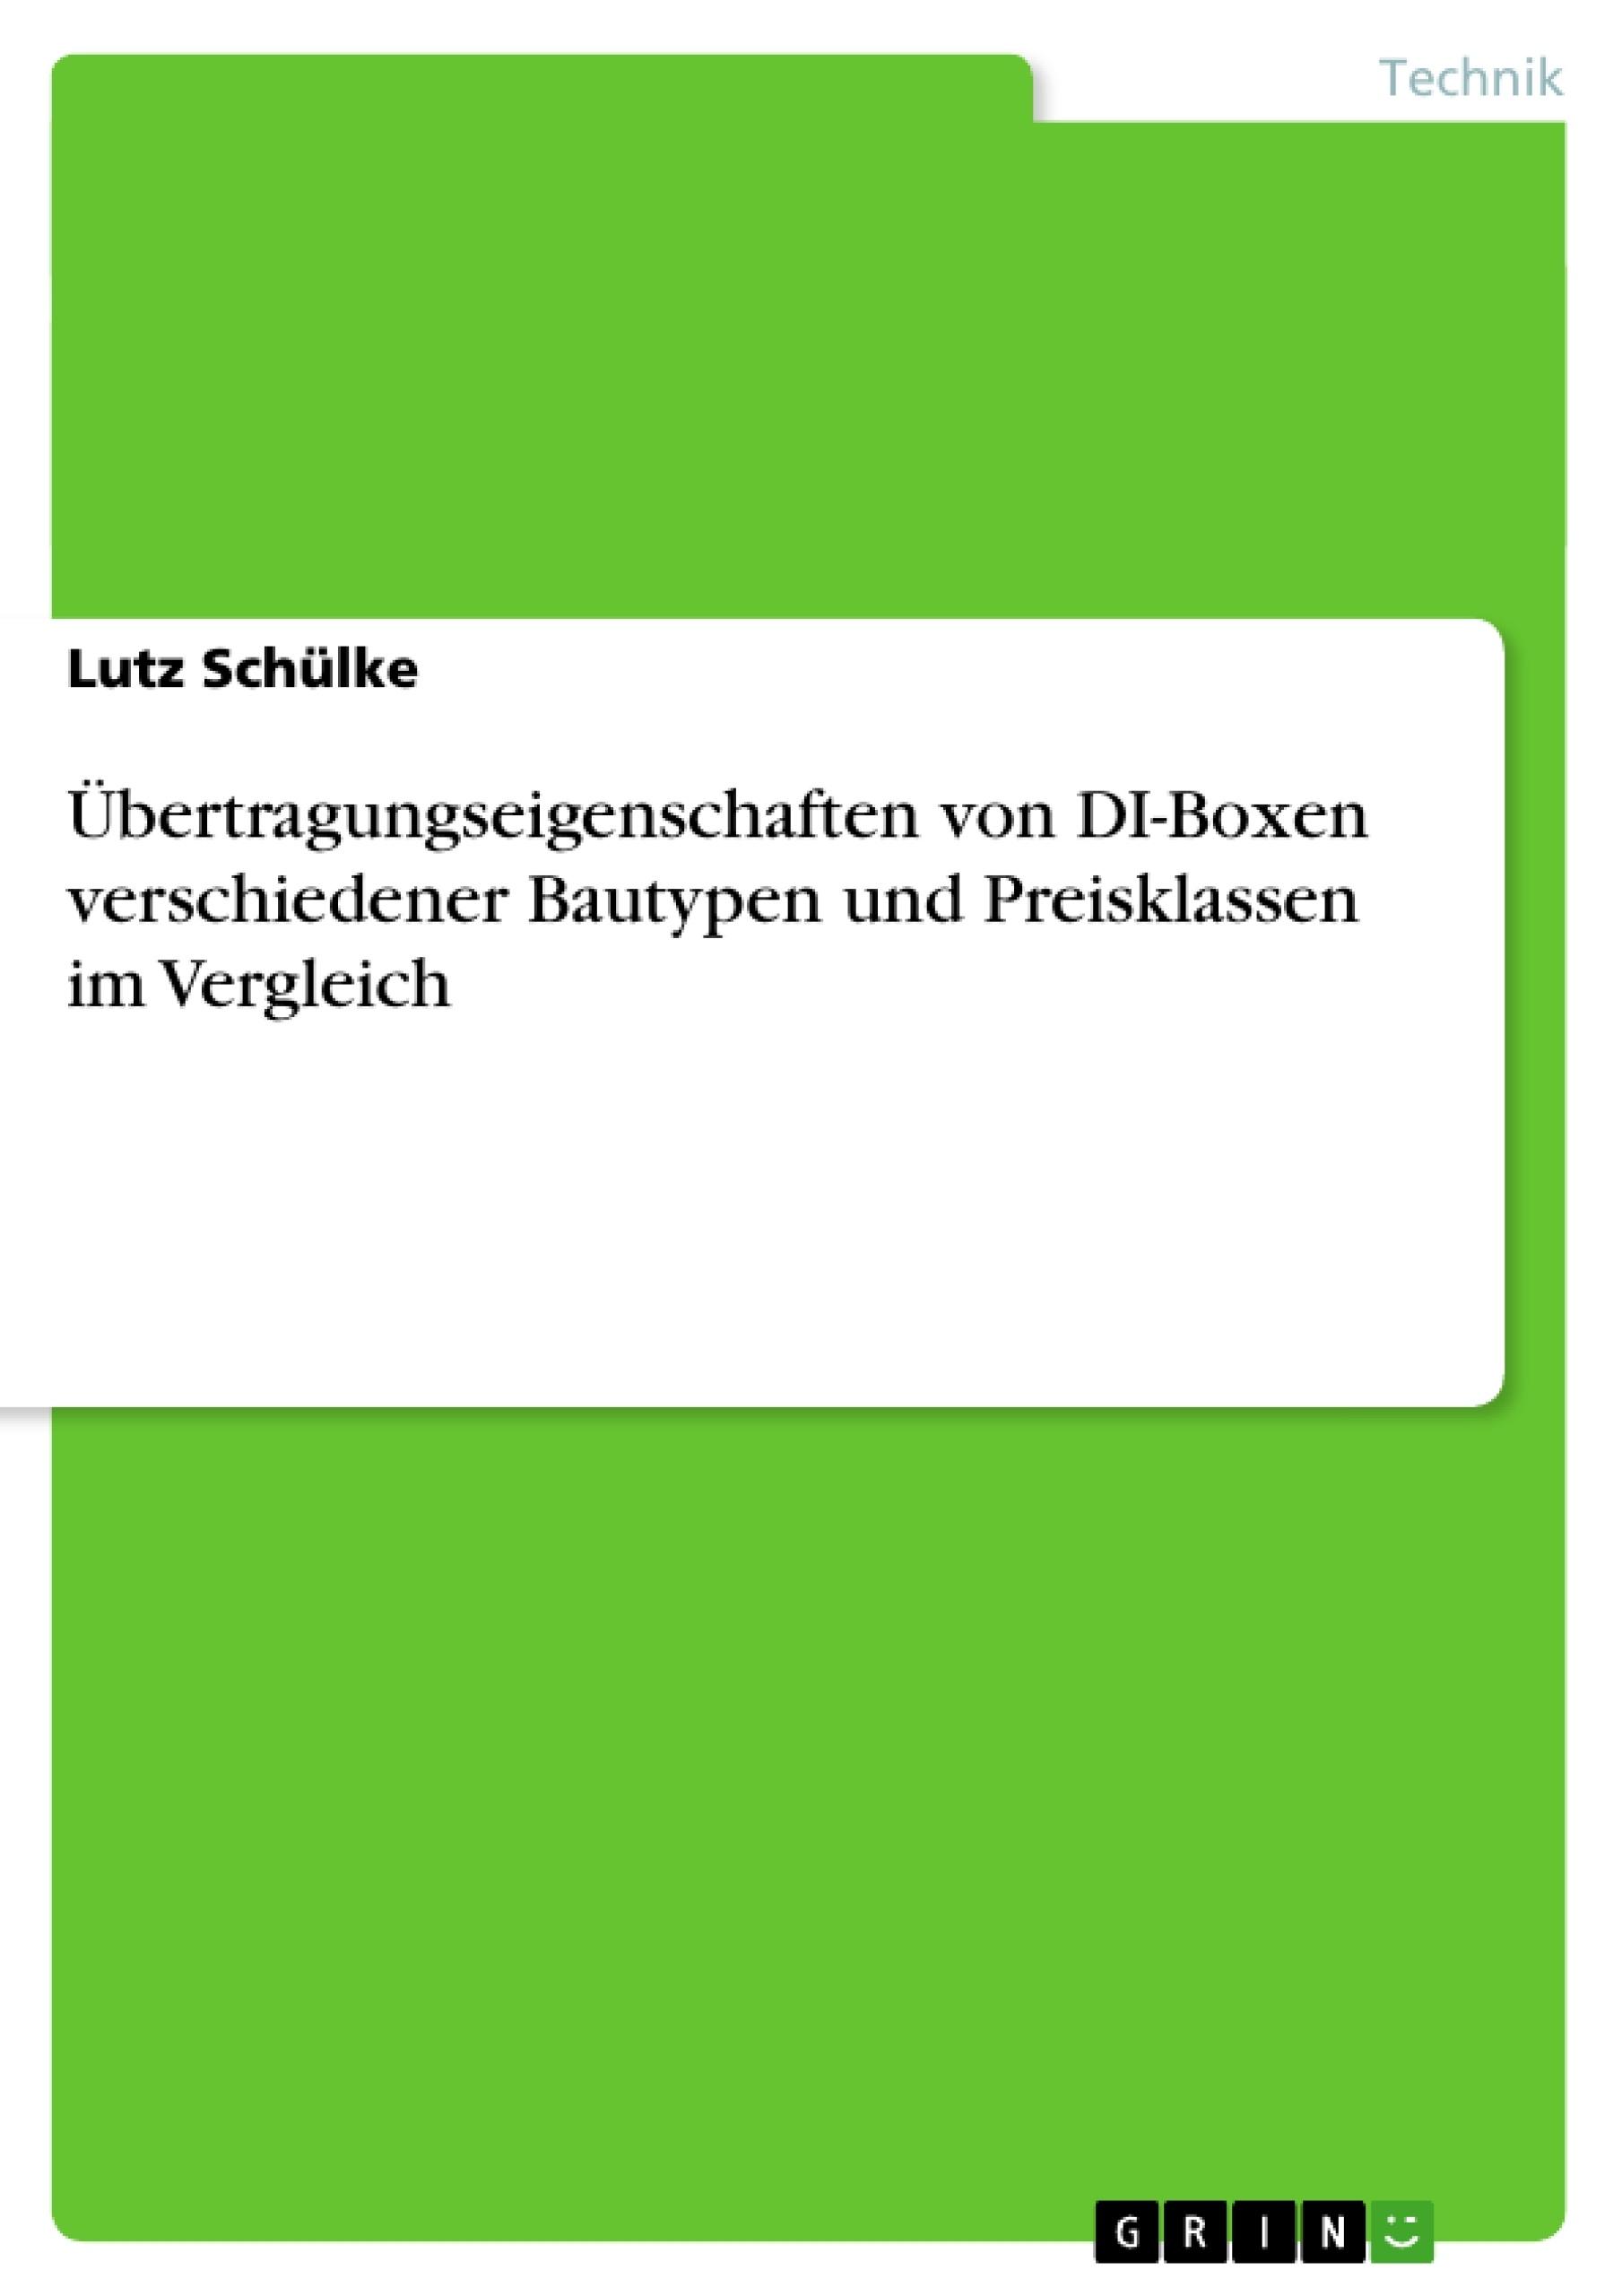 Titel: Übertragungseigenschaften von DI-Boxen verschiedener Bautypen und Preisklassen im Vergleich